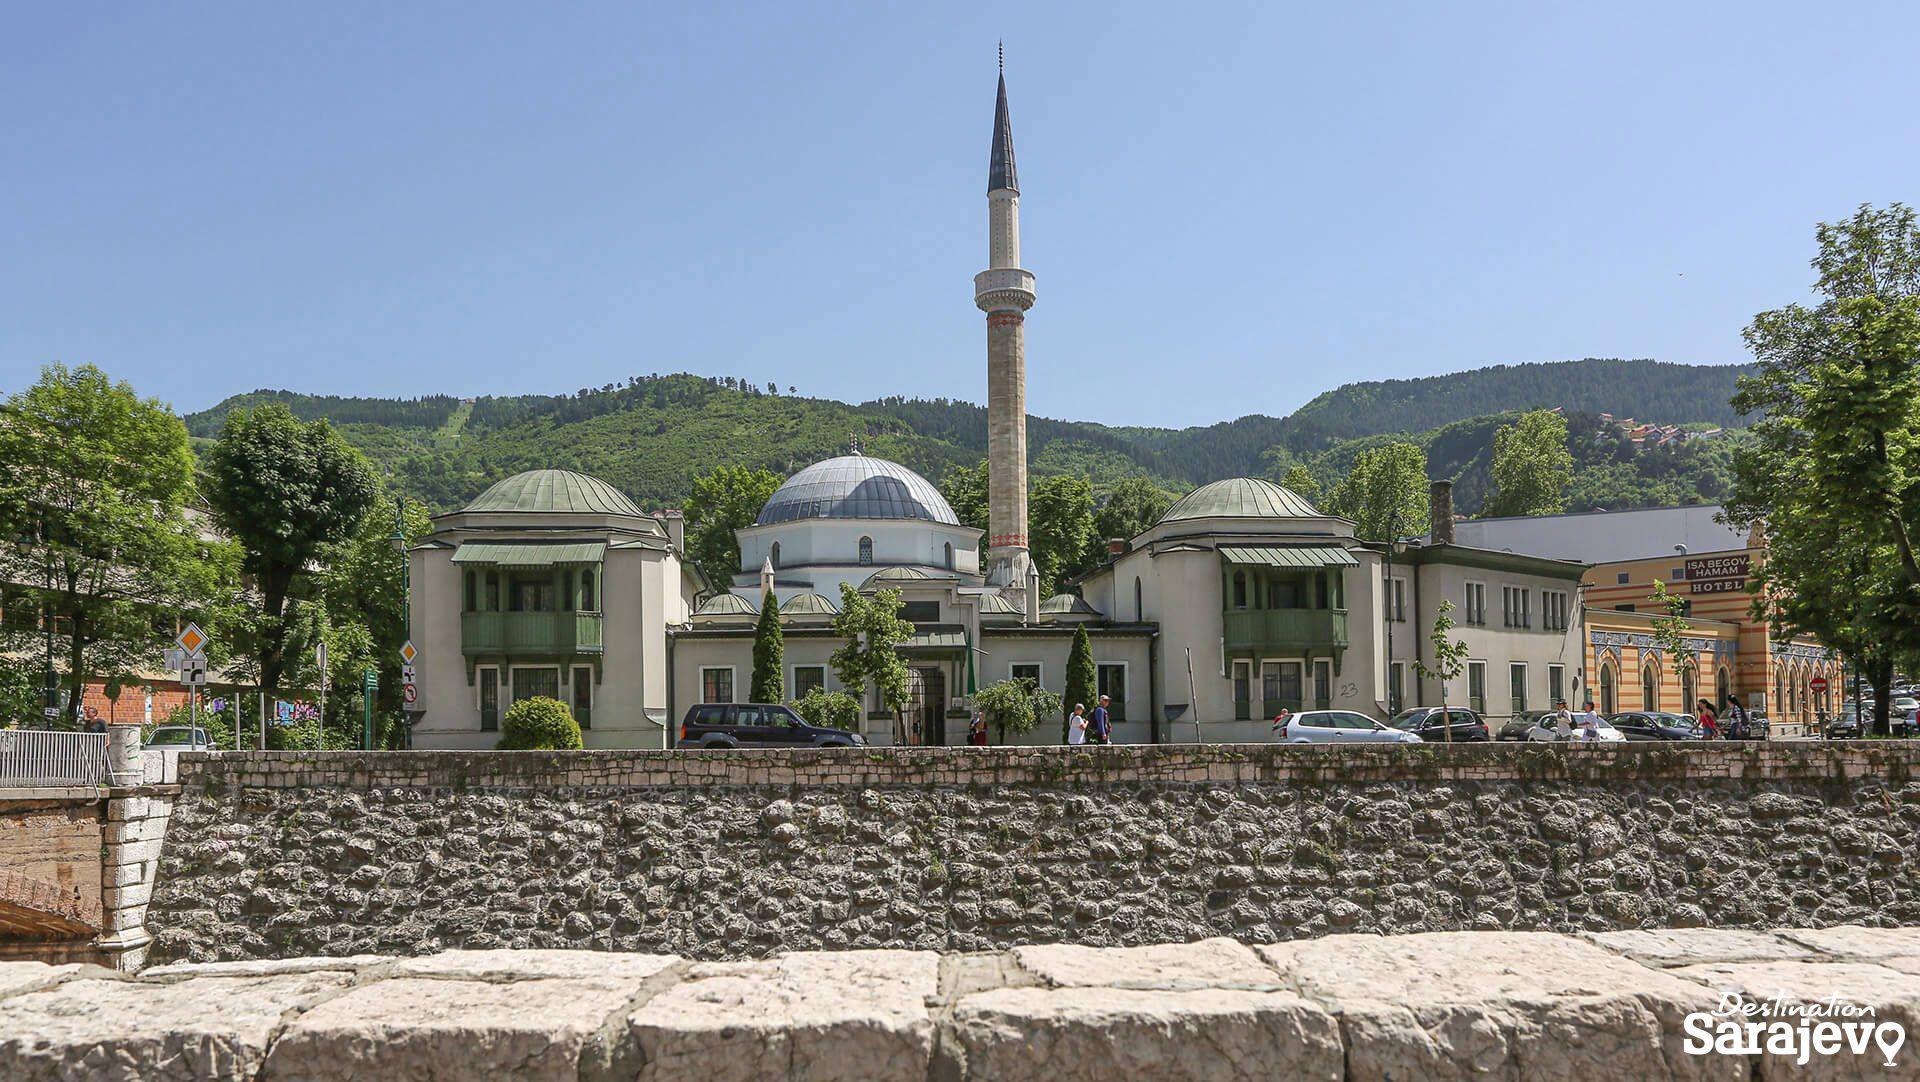 Emperor's Mosque TR - Destination Sarajevo